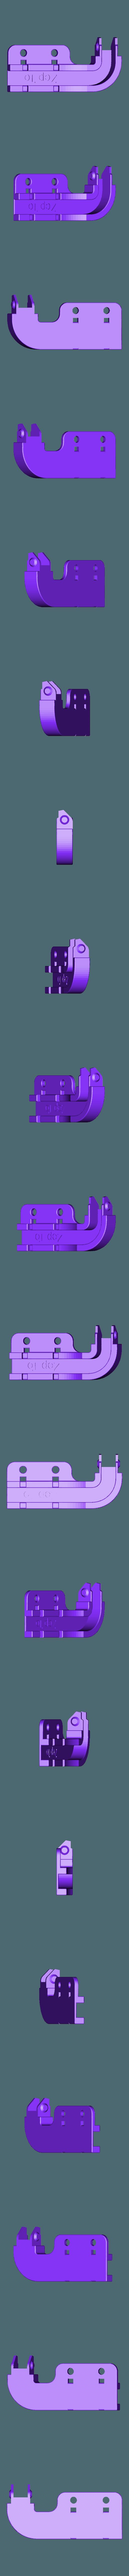 Creality_CR-10S_Heizbett_end.stl Télécharger fichier STL gratuit Creality CR-10S Chaîne d'entraînement de câble de l'axe Y et décharge de traction • Design à imprimer en 3D, ZepTo